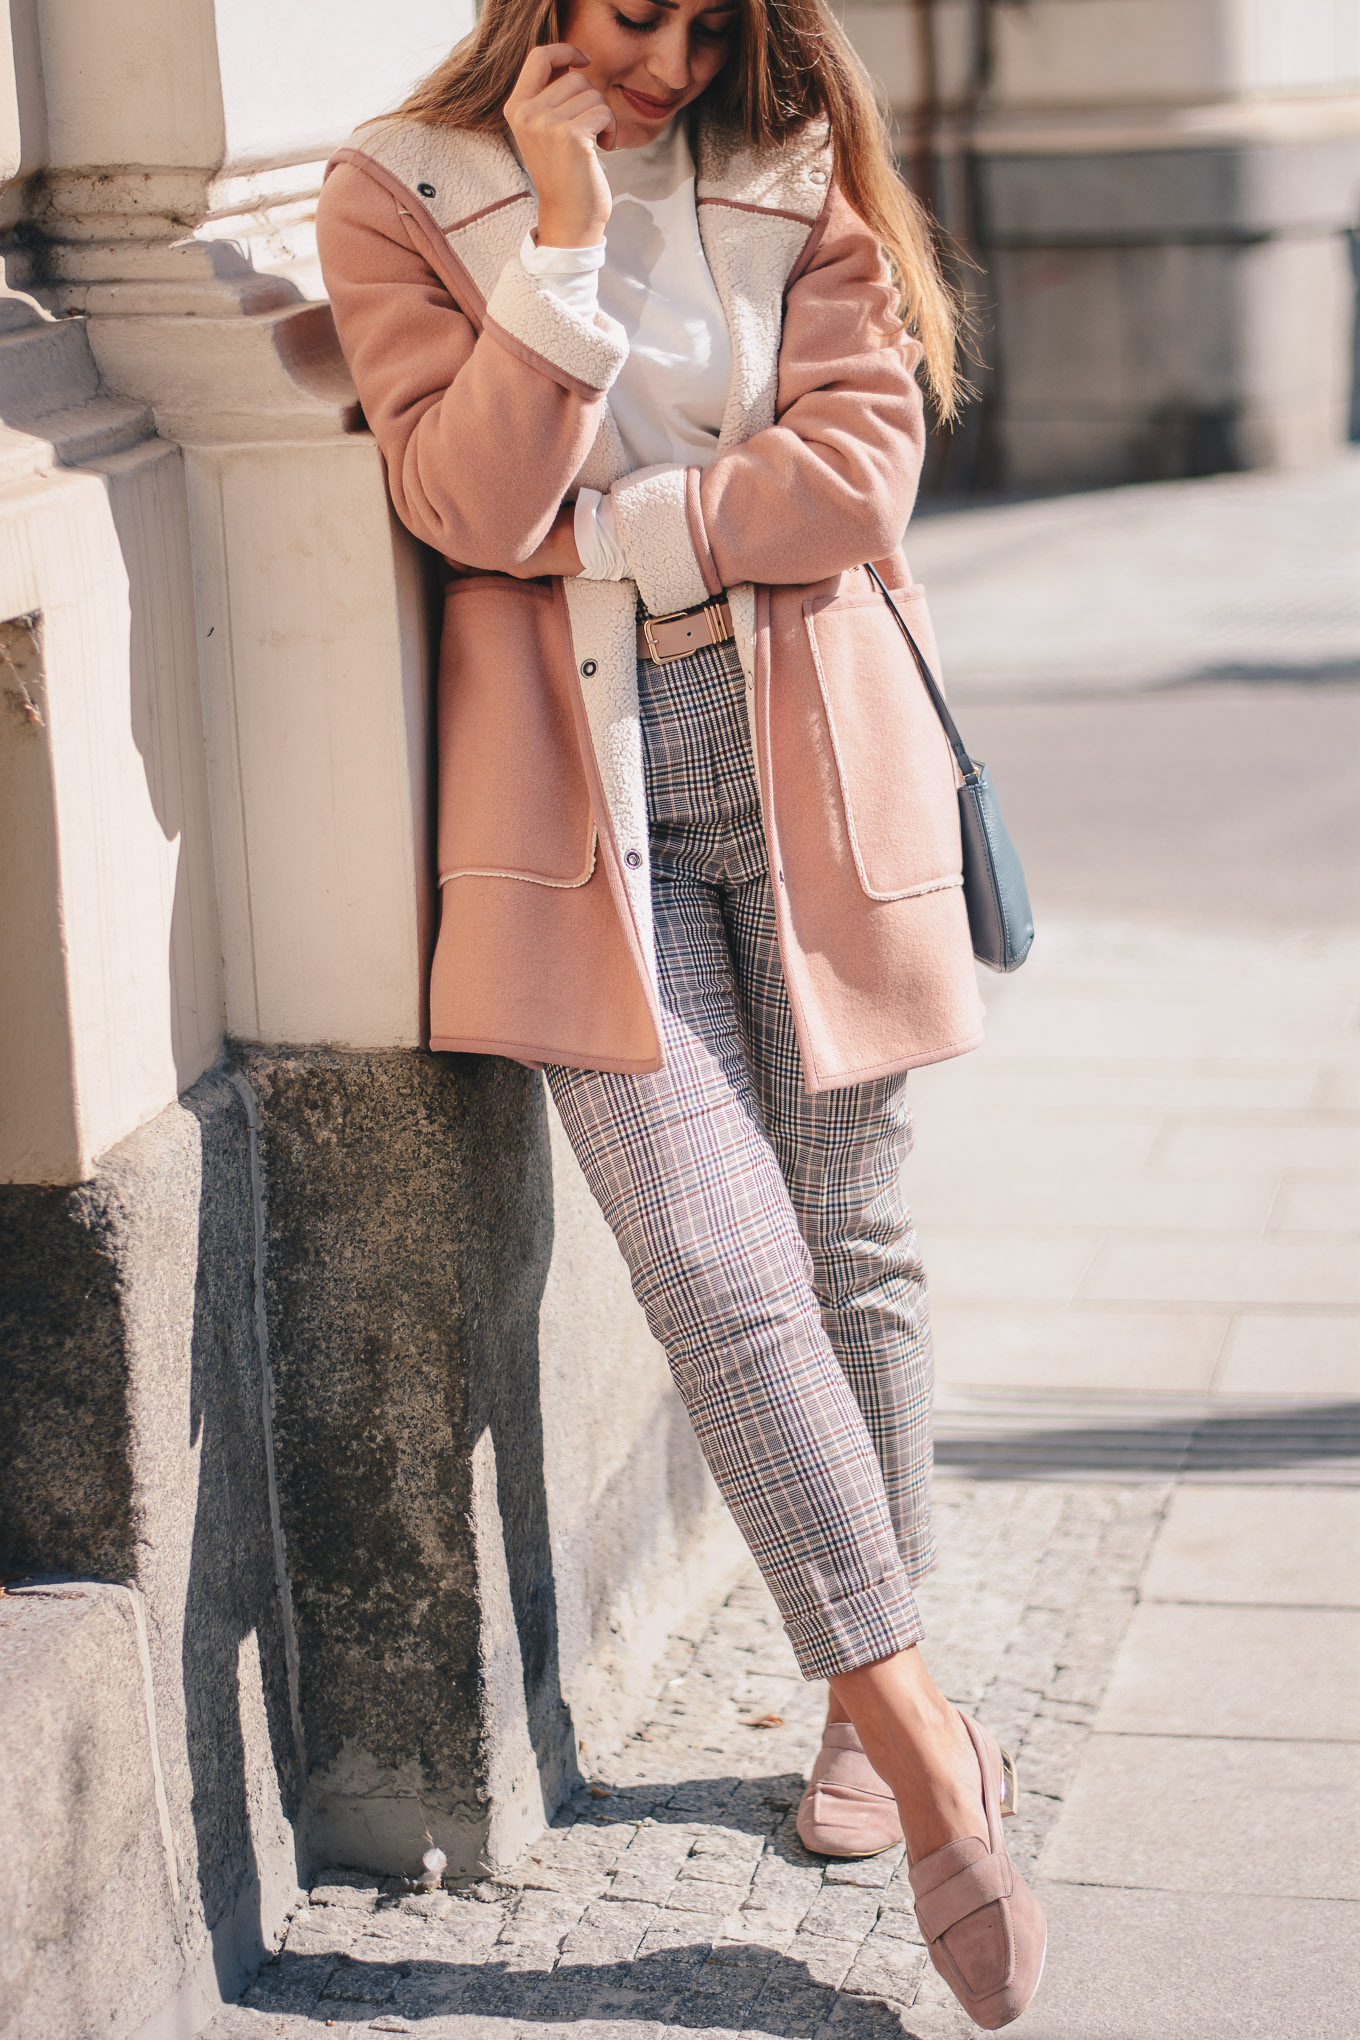 Esprit autumn complete outfit